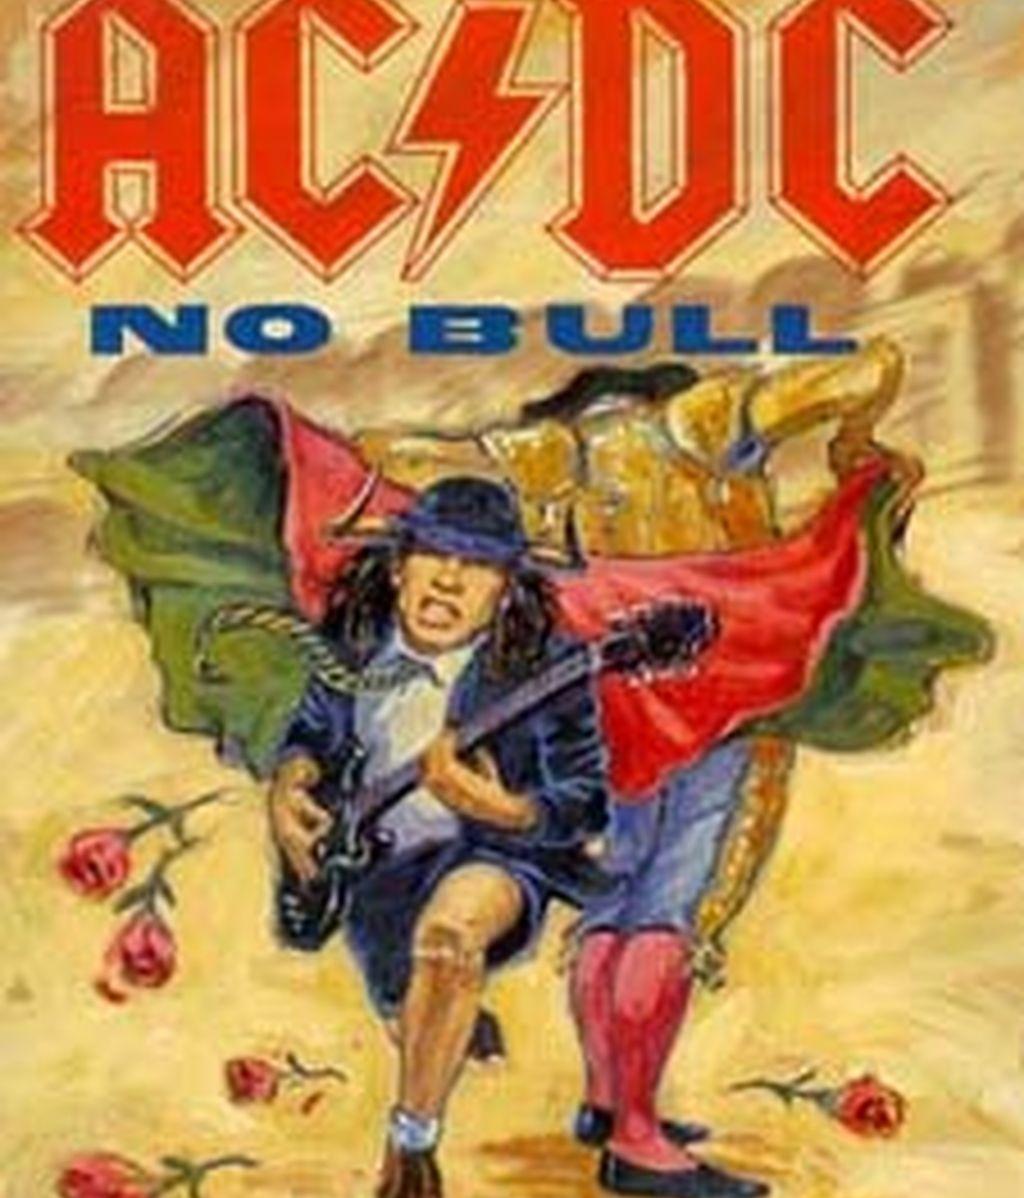 El cartel del concierto de AC/DC en 1996 en Las Ventas. Foto: Archivo